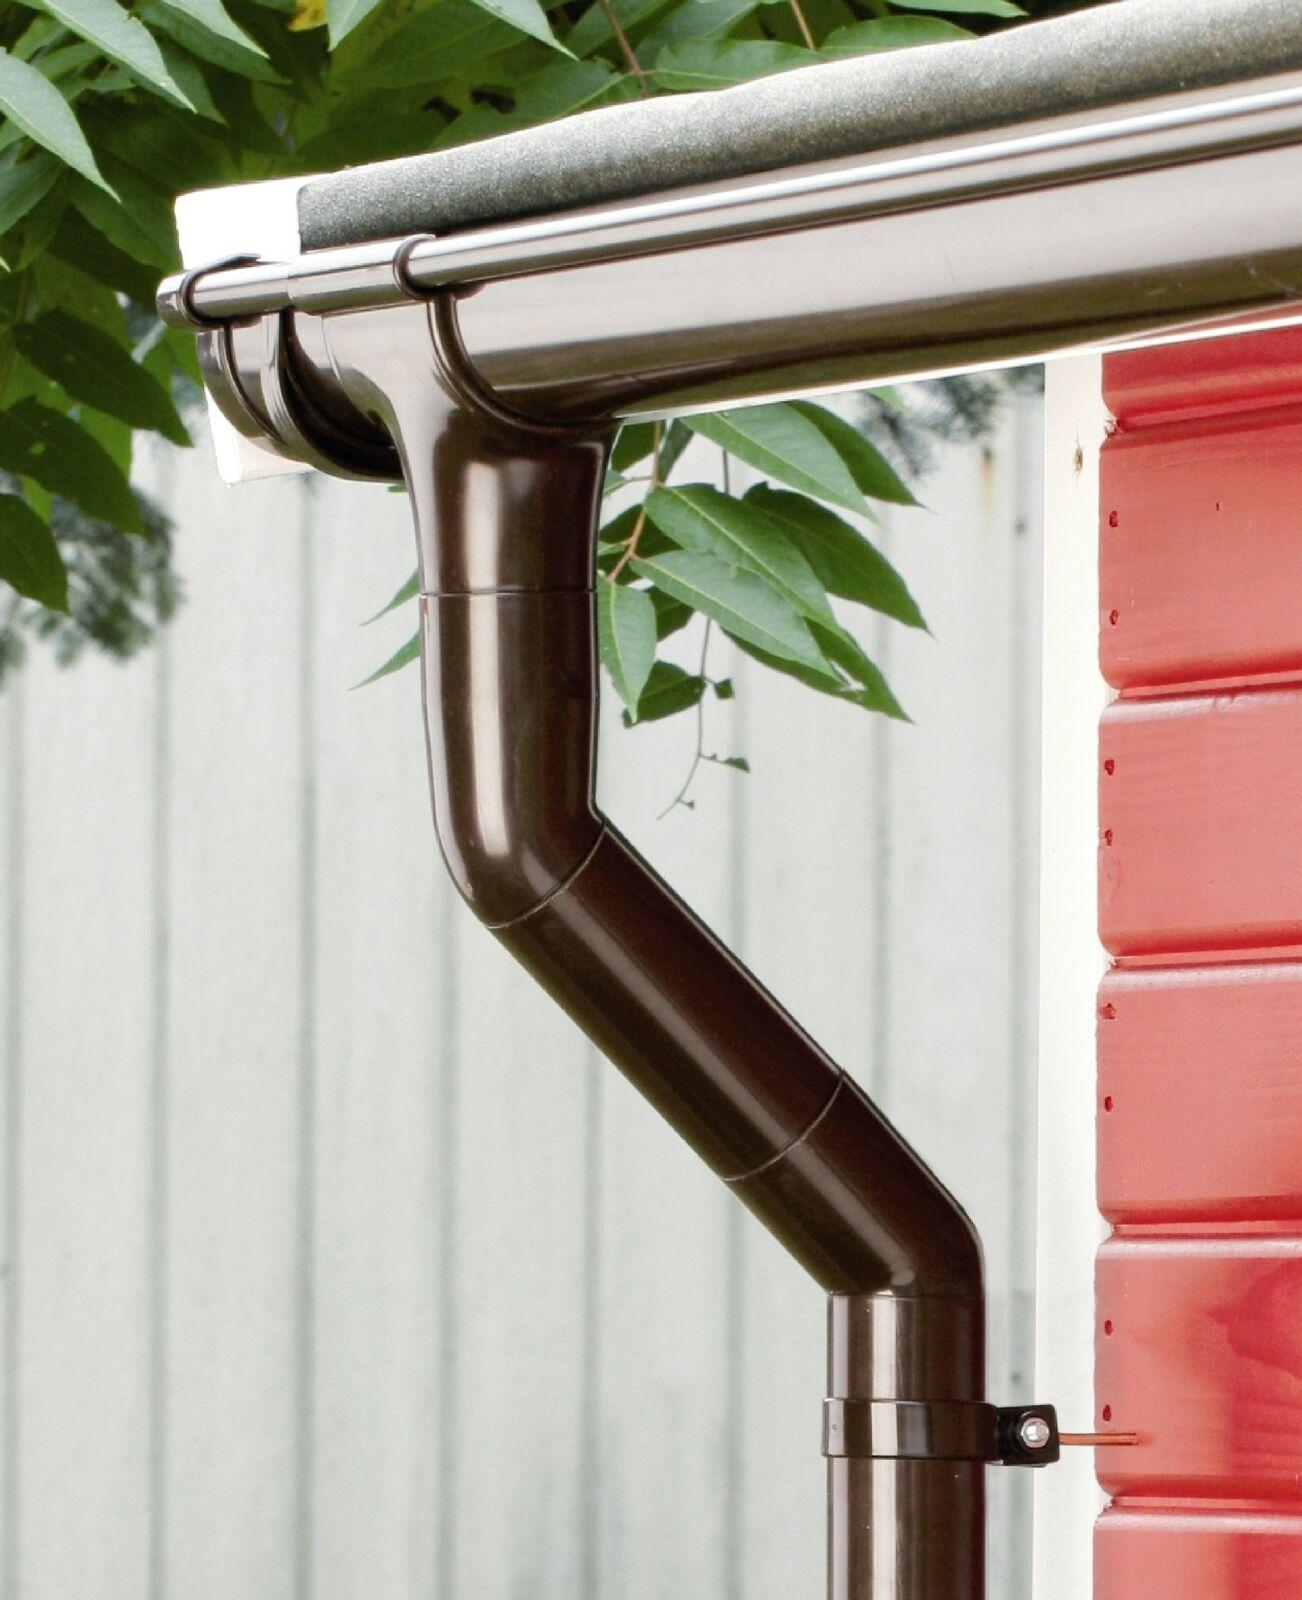 Kunststoff-Rinnenset RG 75 4 m von Marley Dachrinne für Gartenhaus mit Pultdach